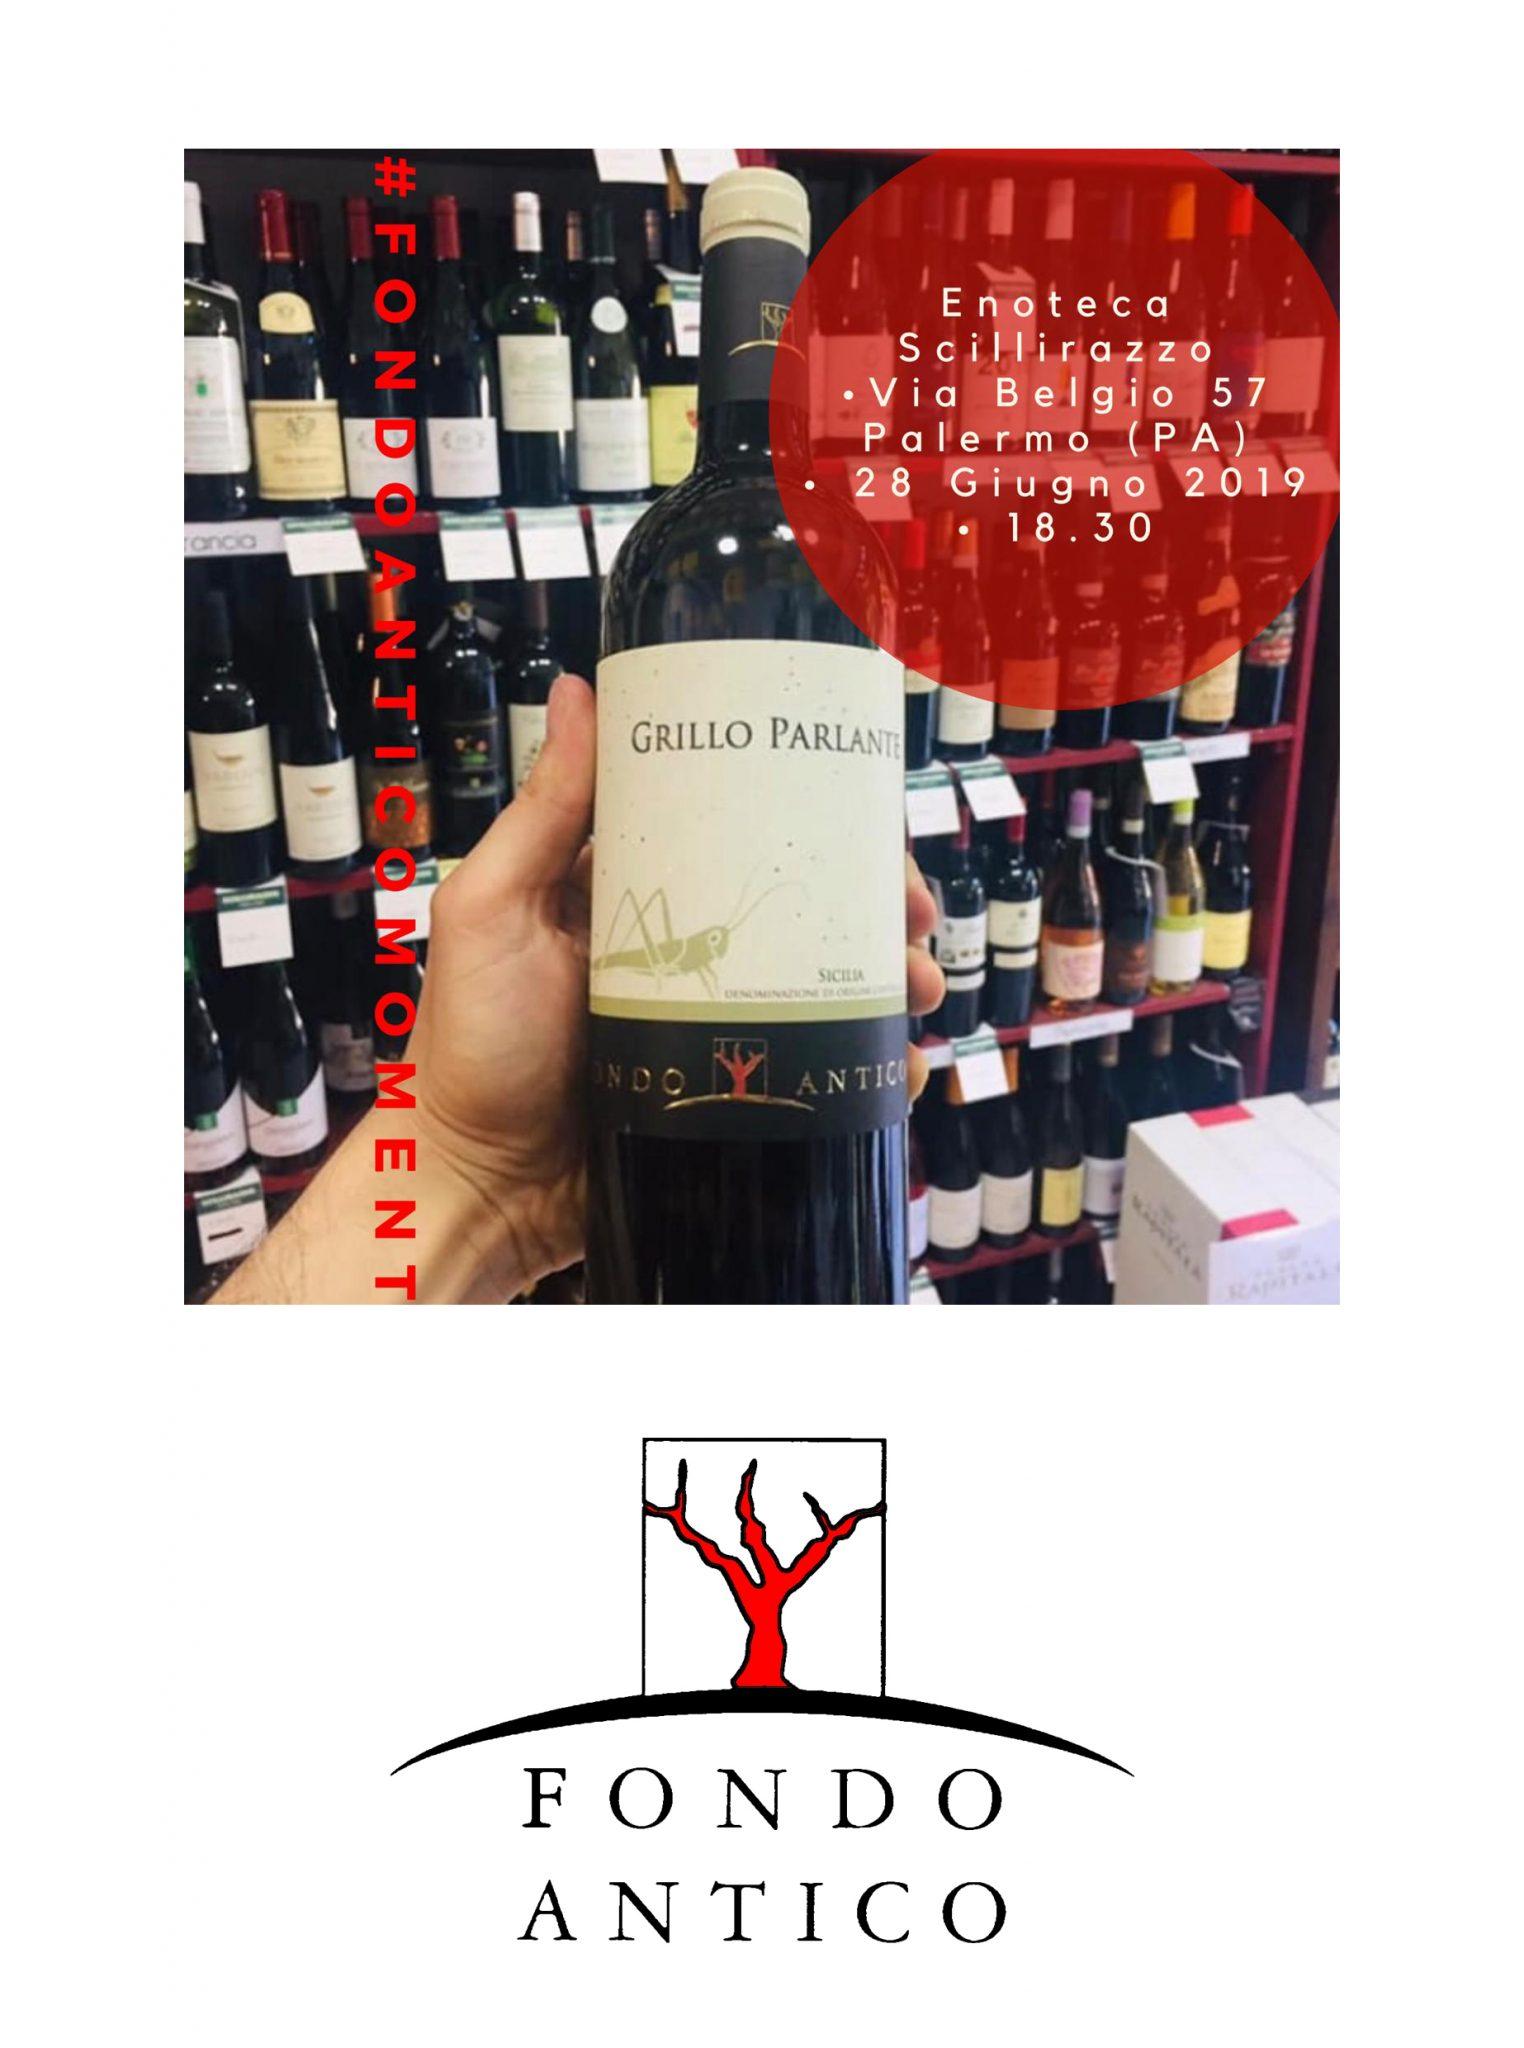 Winetasting Grillo Parlante Fondo Antico @ Scillirazzo Enoteca Sicula